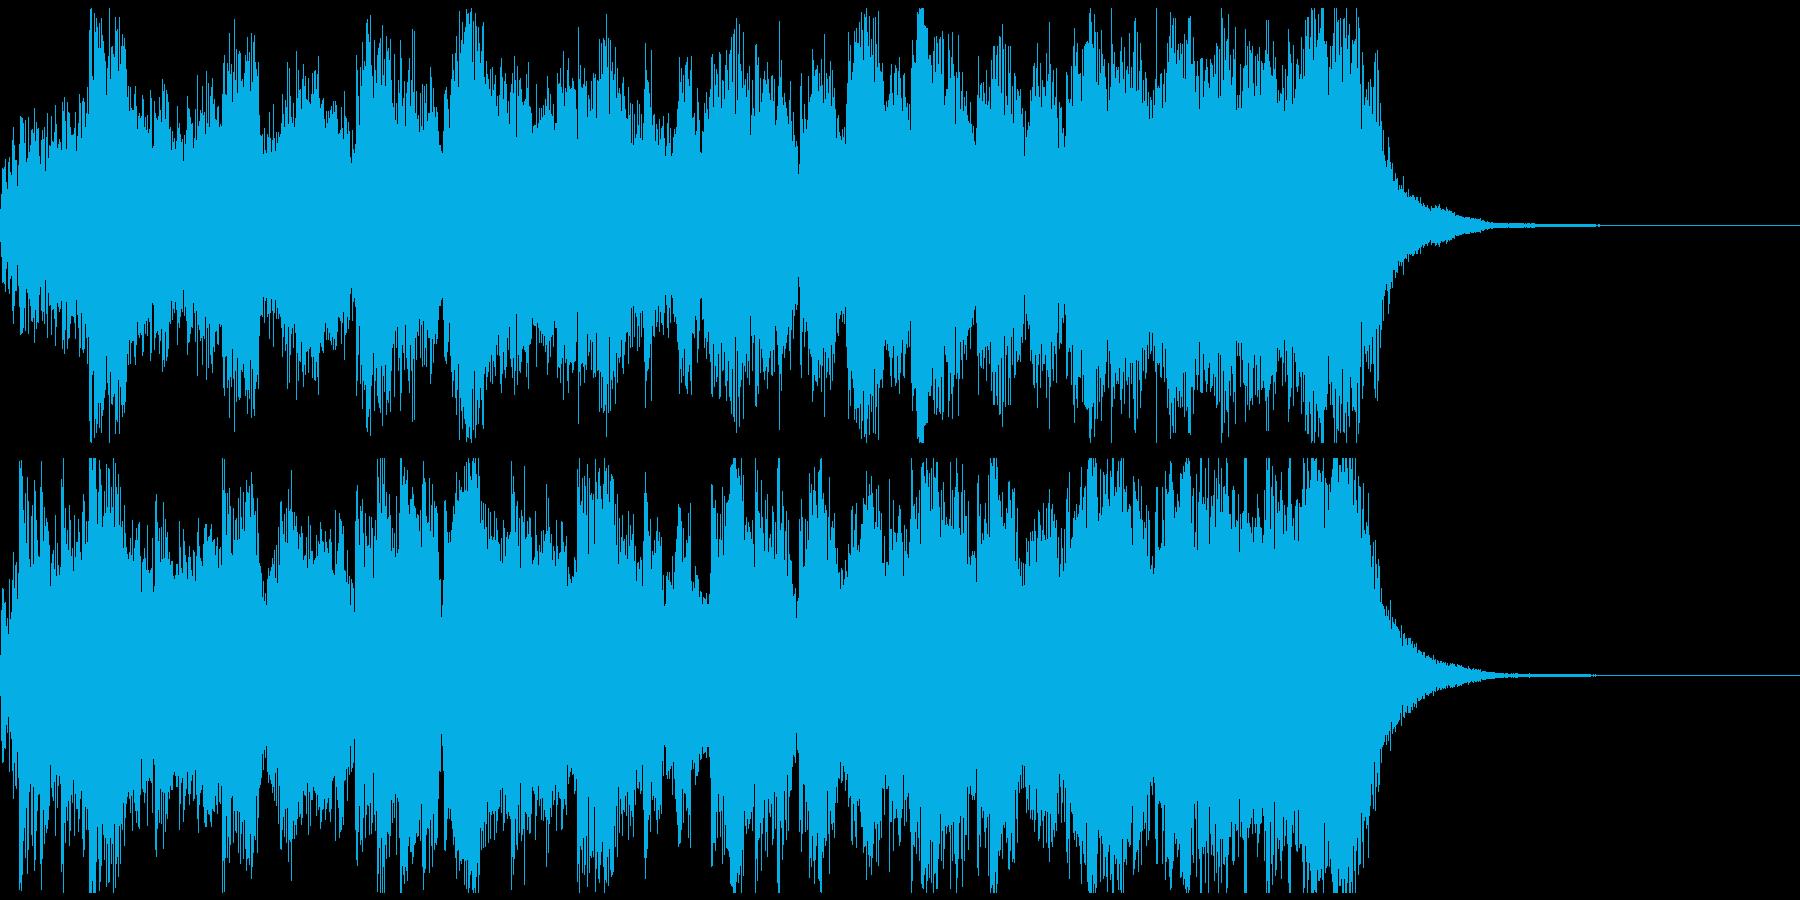 RPG風ファンファーレ ジングル約15秒の再生済みの波形